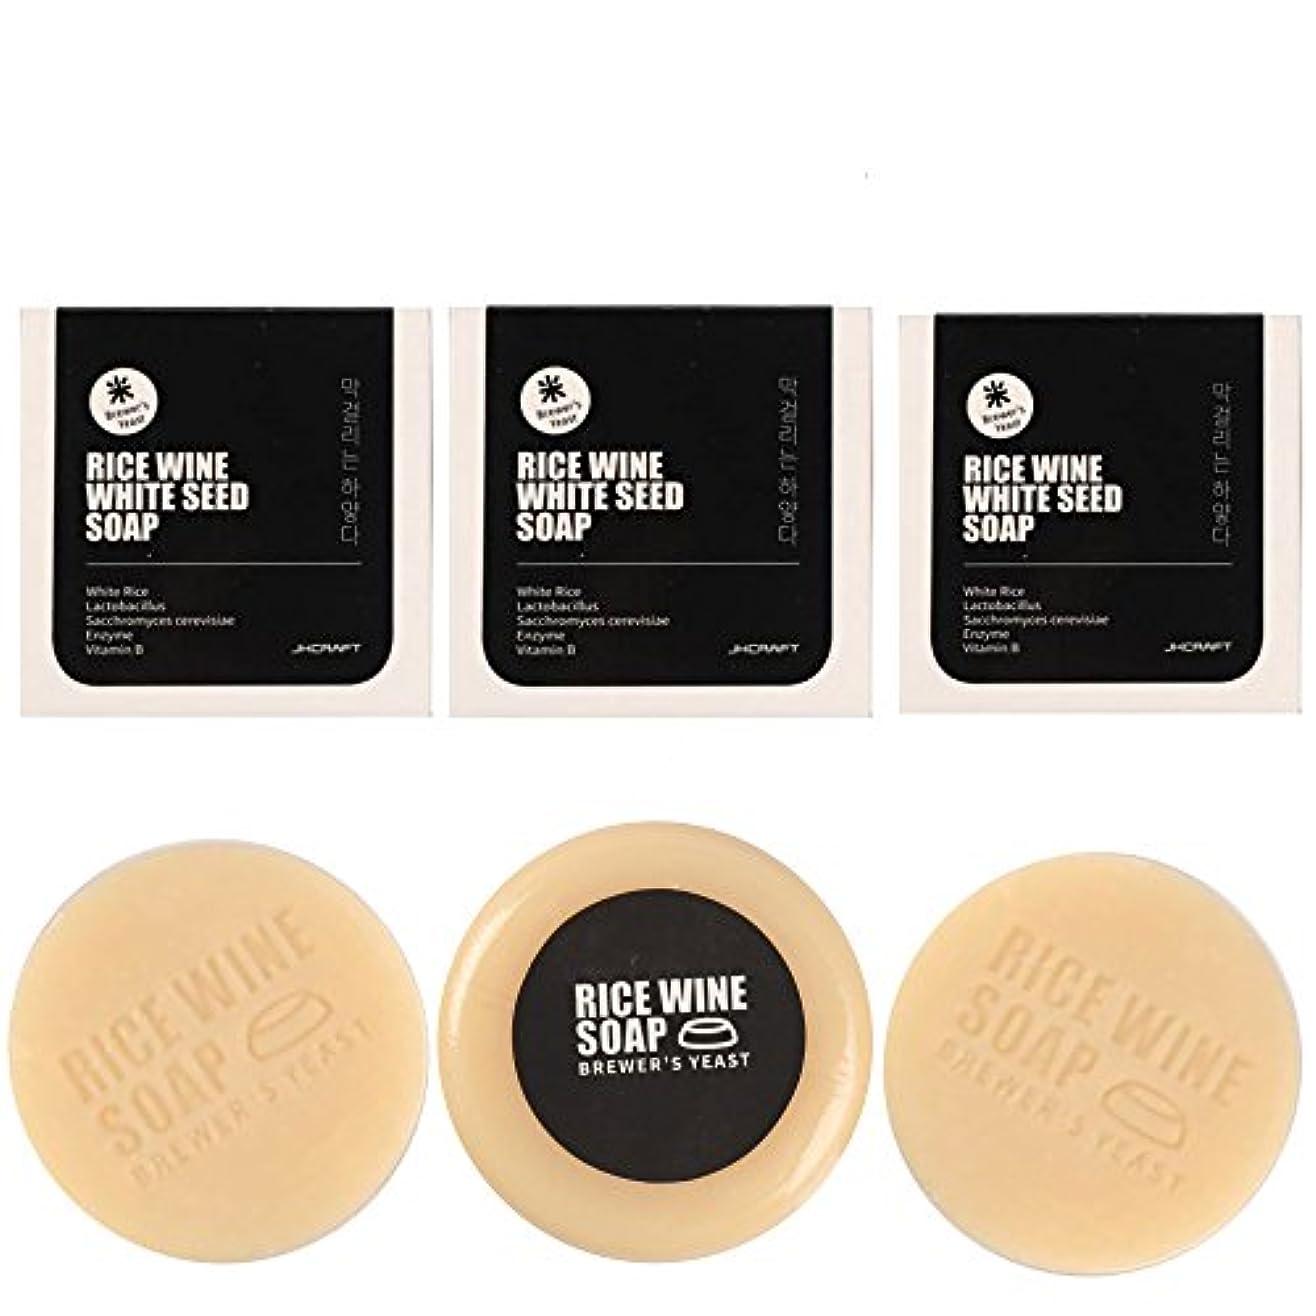 忠実に捧げる見ましたJKCRAFT RICEWINE WHITE SEED SOAP マッコリ酵母石鹸 3pcs [並行輸入品]マッコリ酵母石鹸,無添加,無刺激,天然洗顔石鹸